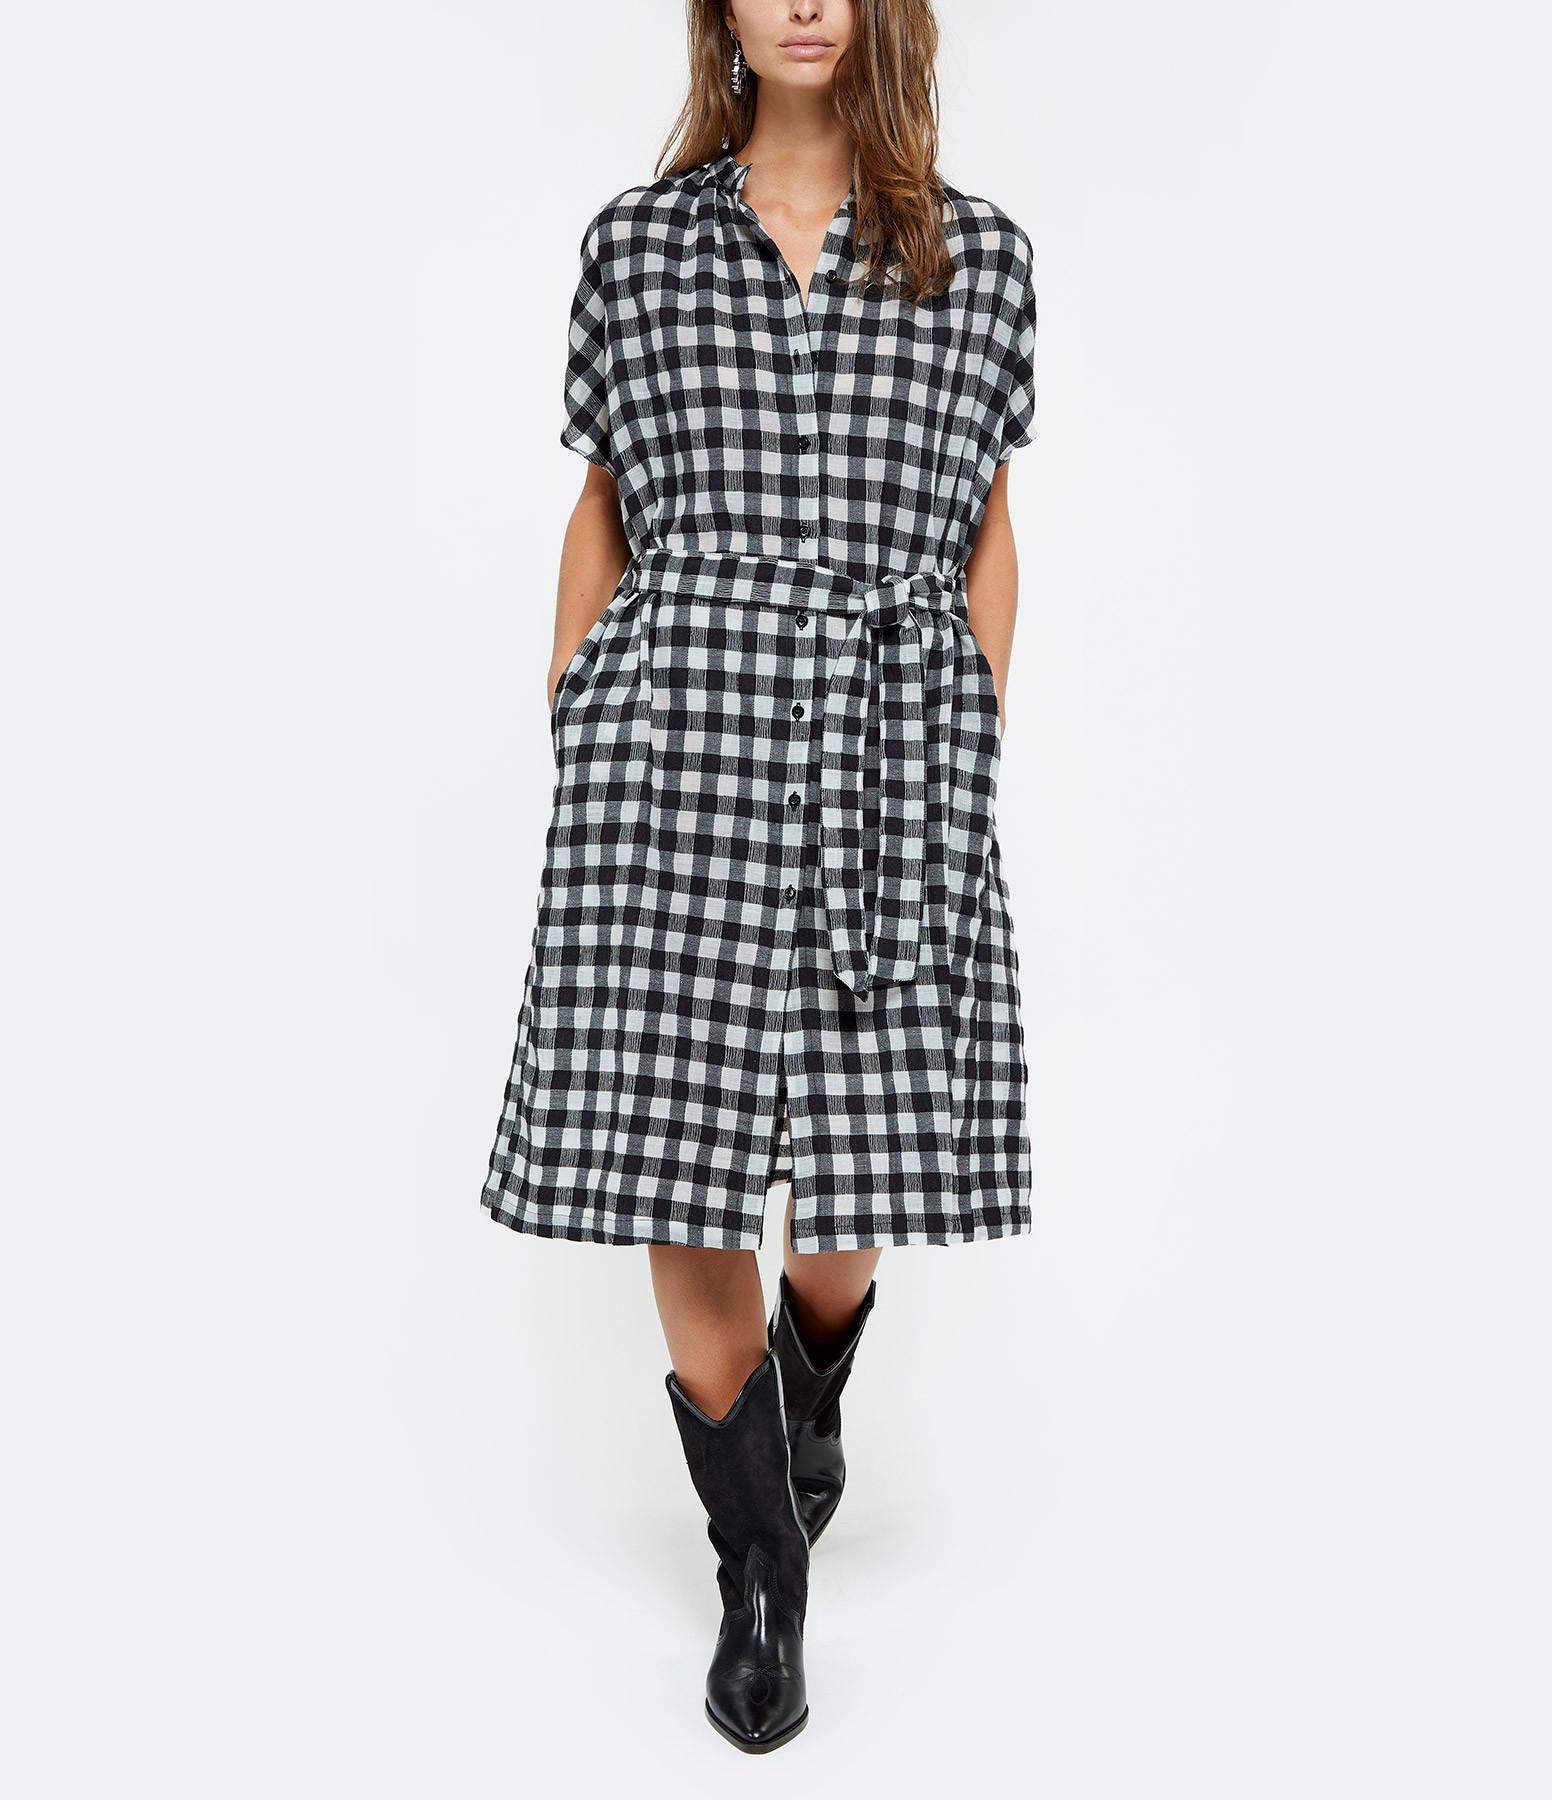 MII - Robe Oversize Vichy Noir